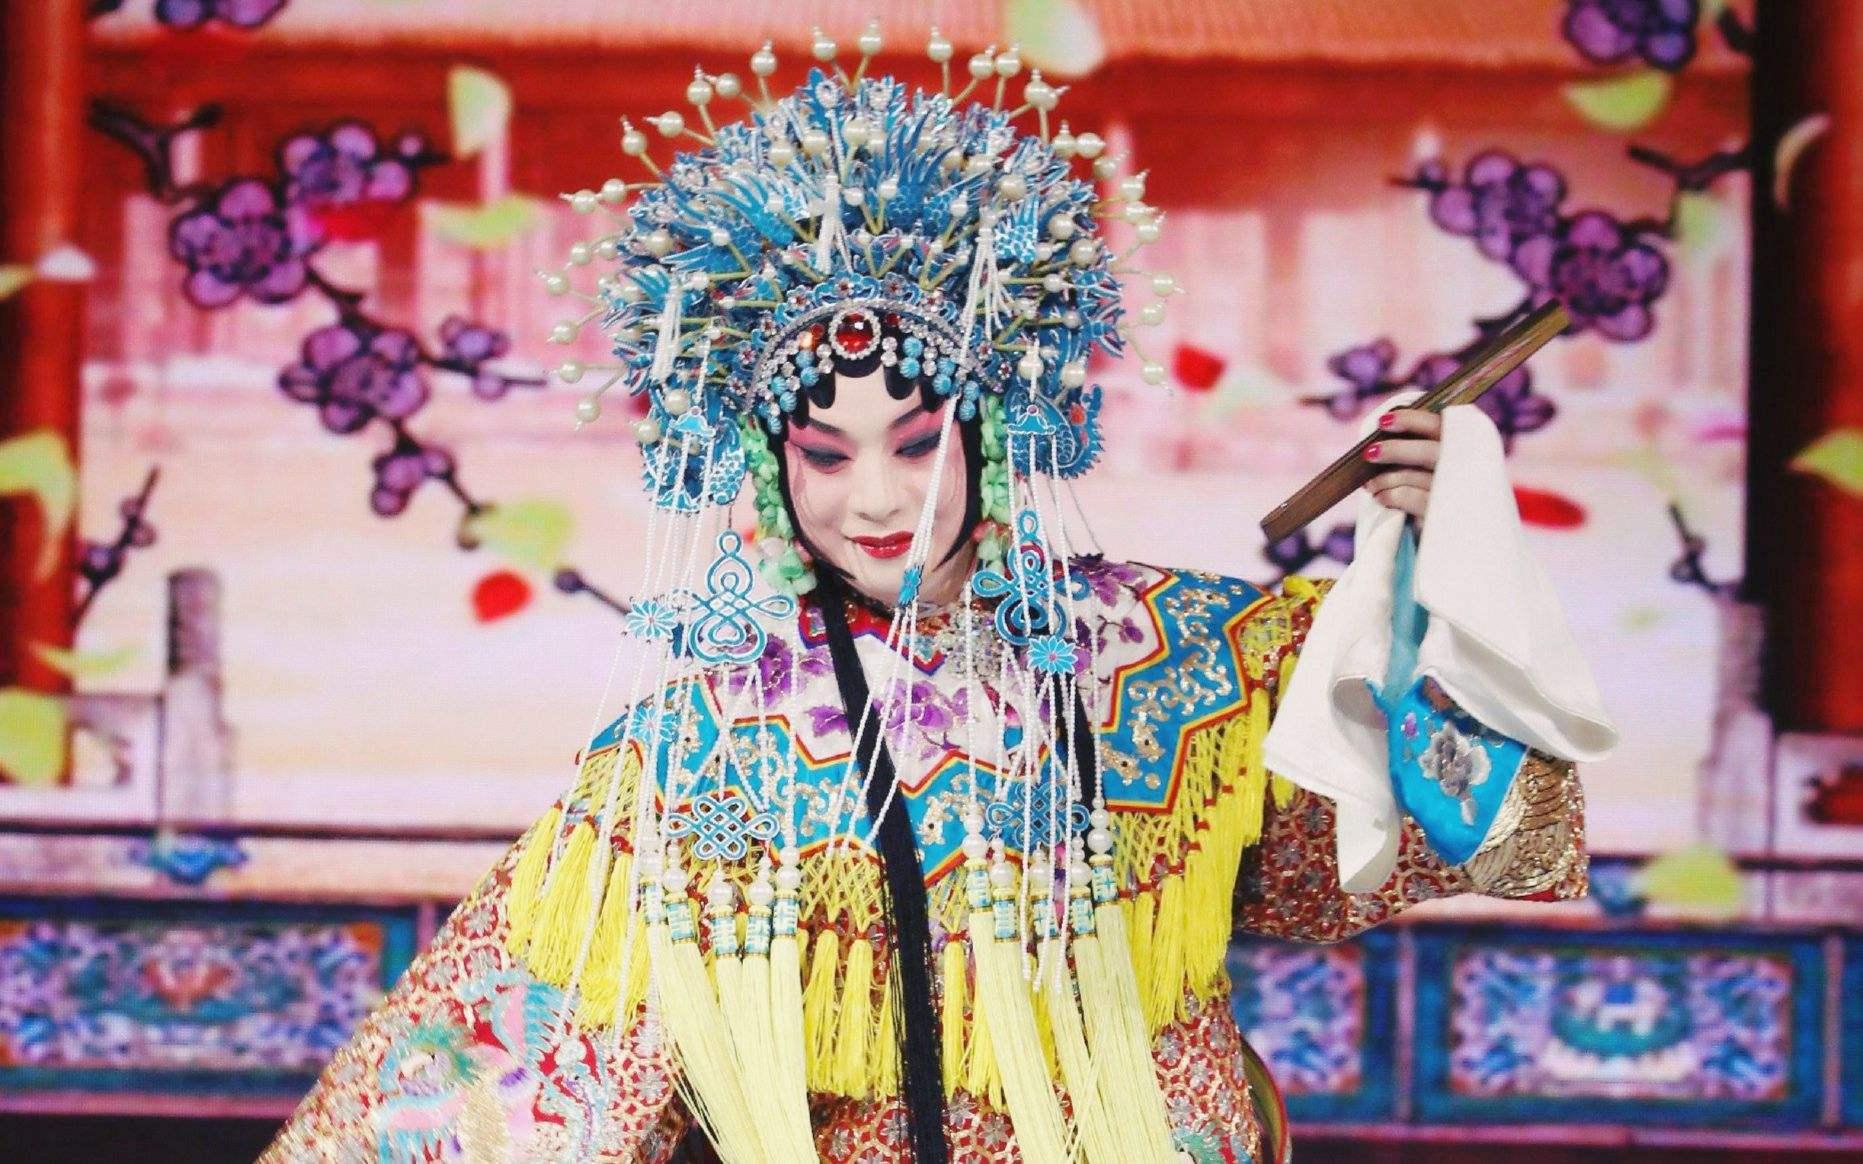 2020上海欢天喜地迎新年时间地点、门票价格、演出详情